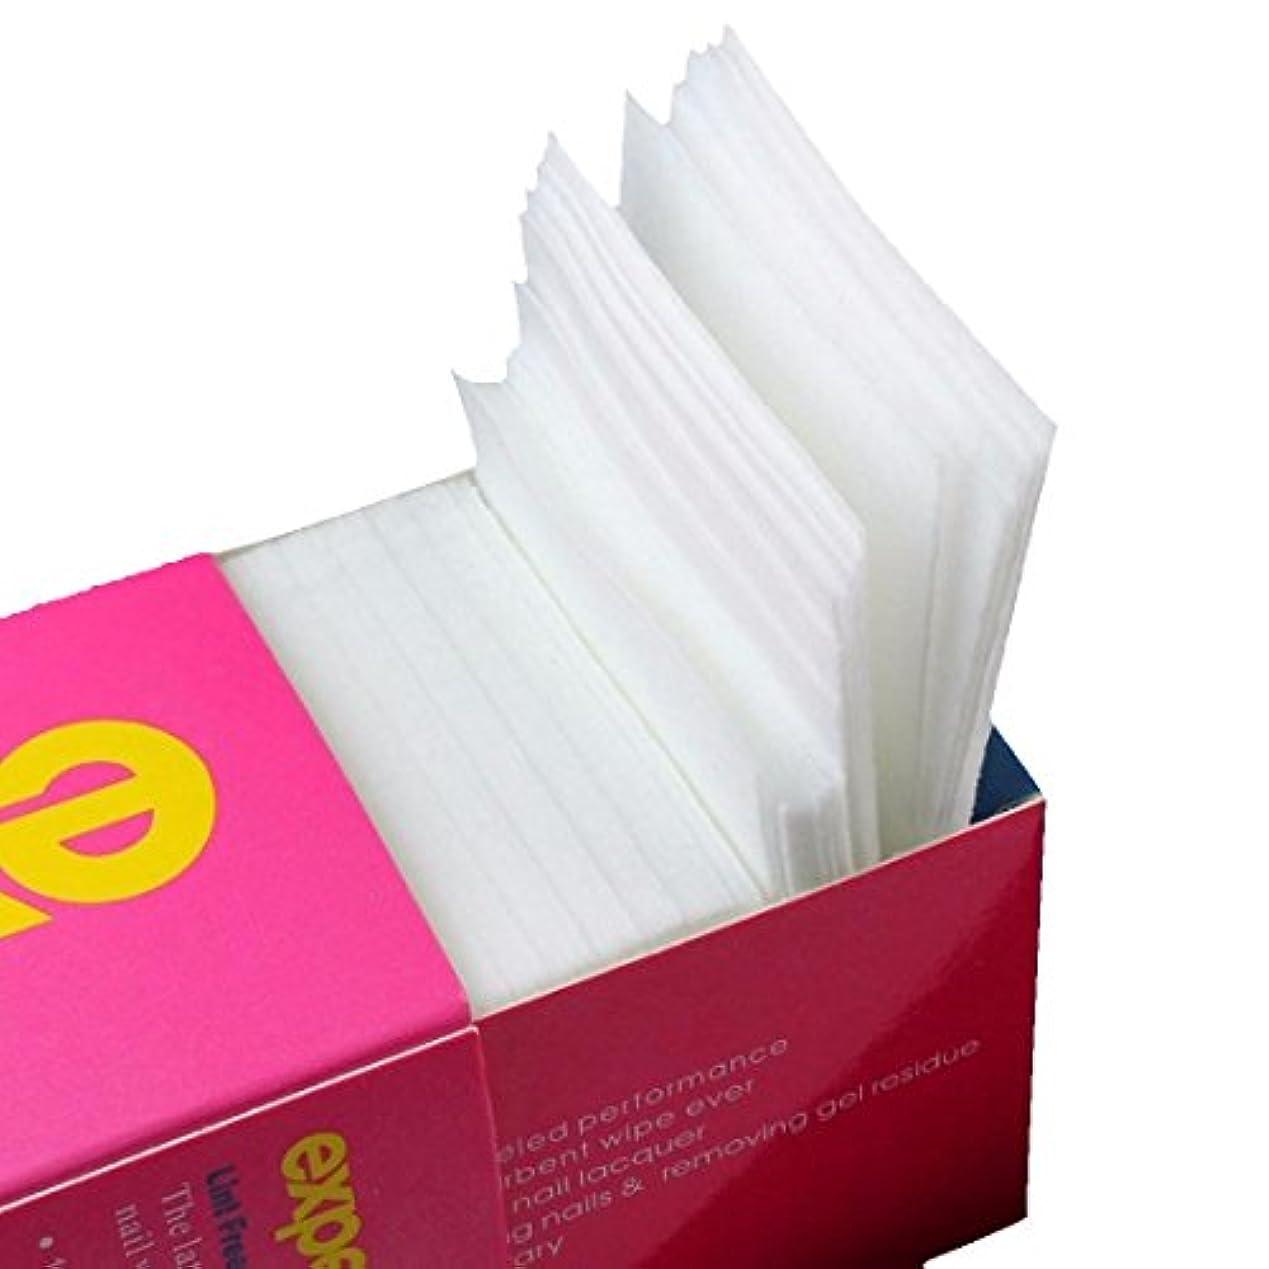 Semoic 325枚ネイルワイプリントフリーコットンパッド、ネイルジェル除去用不織布綿シートネイルポリッシュクリーニングパッド